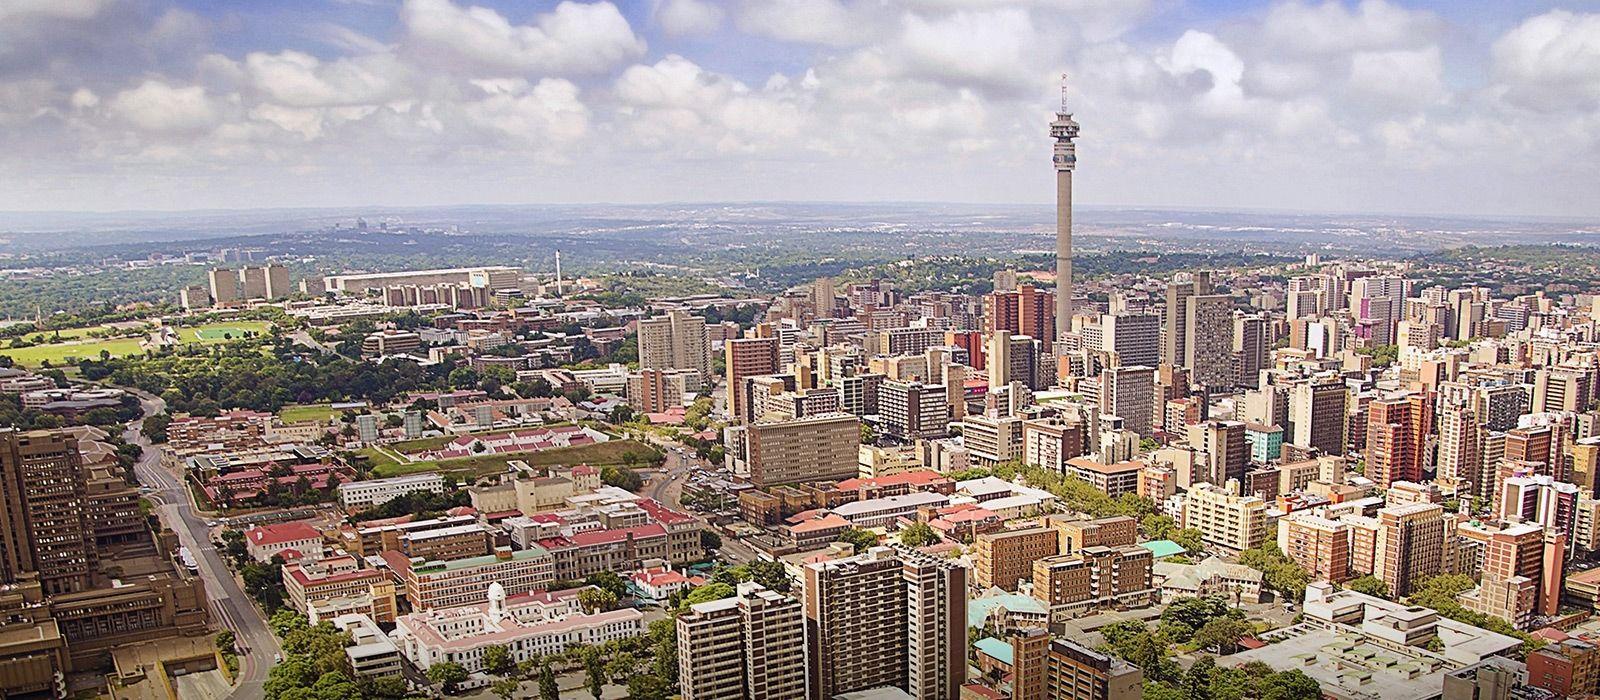 Südafrika & Sambia: Panoramaroute, Krüger und Victoriafälle Urlaub 3